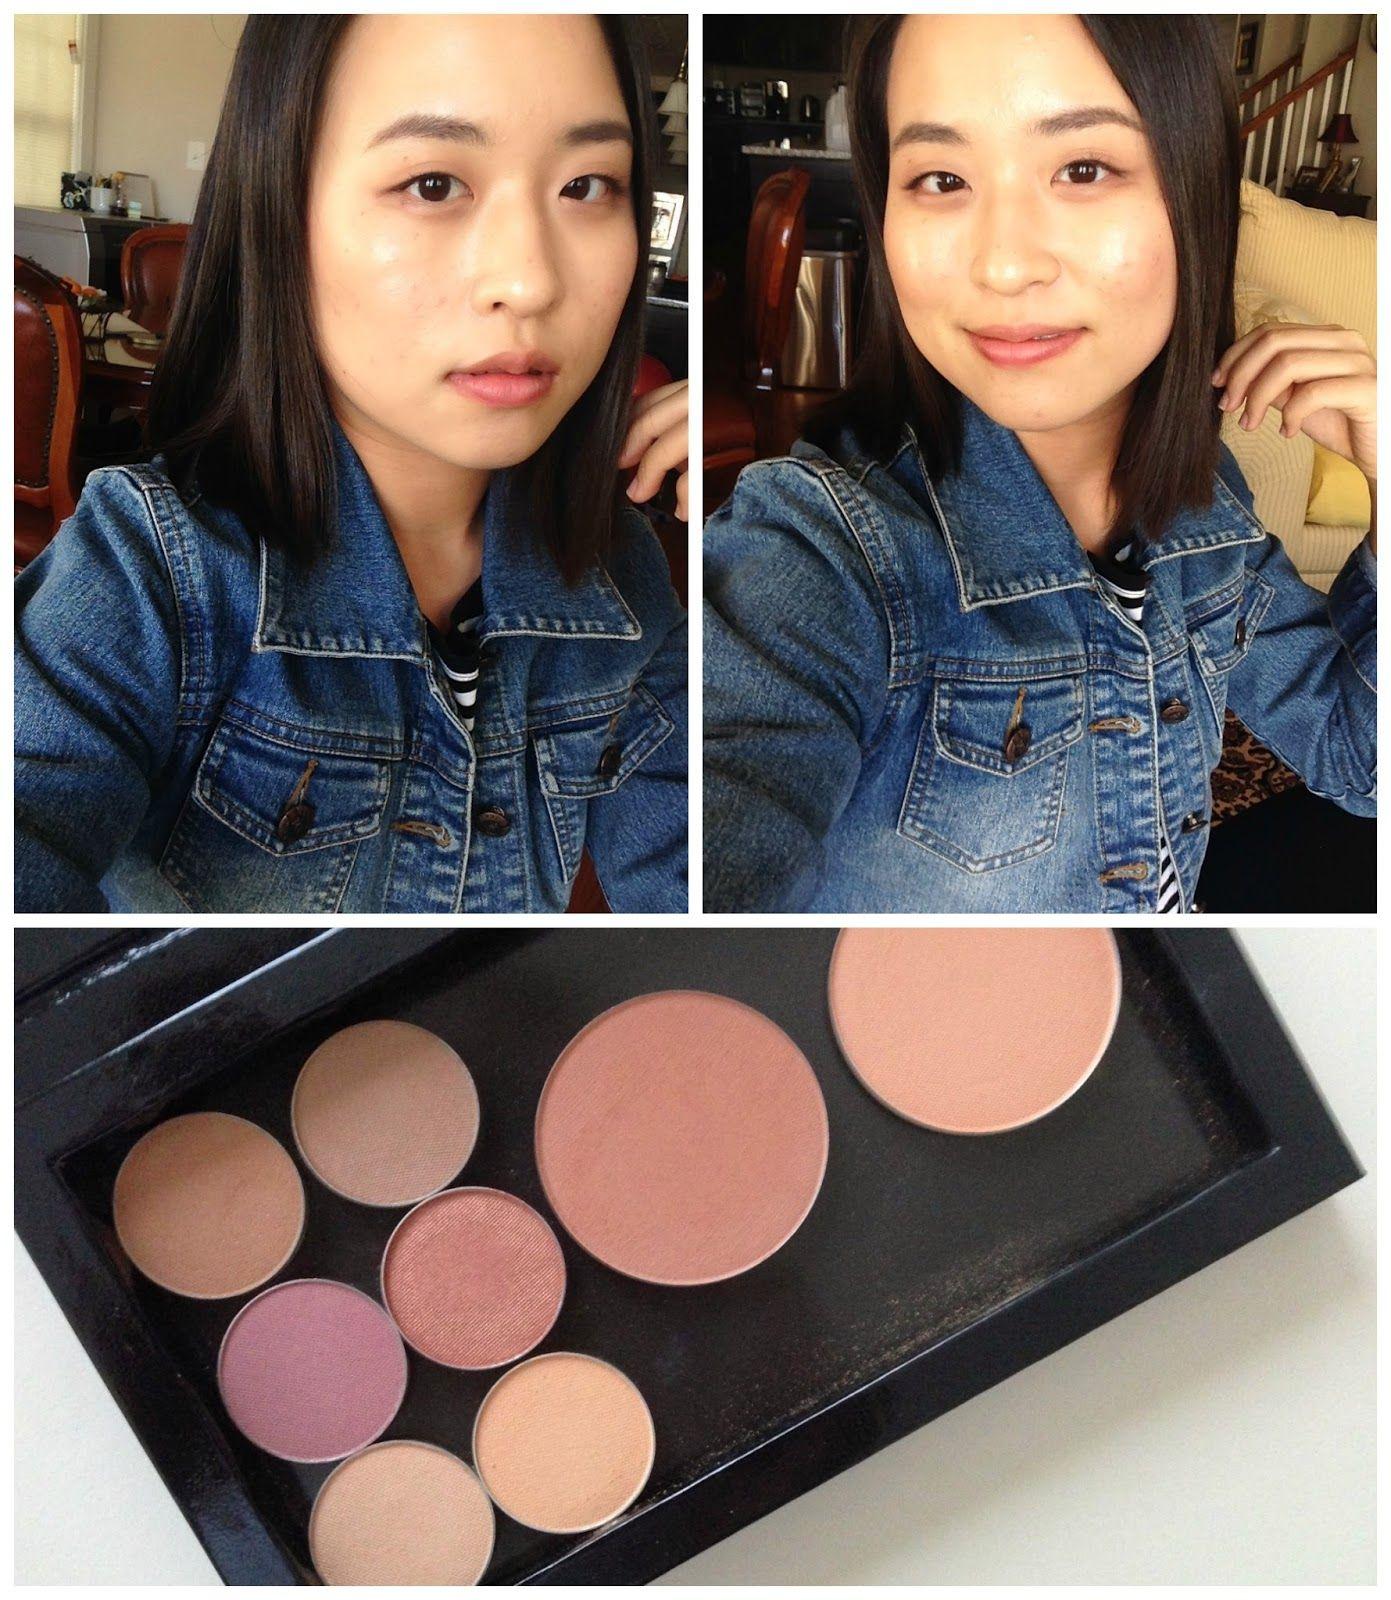 Makeupgeek CRAZE! Makeupgeek HAUL & REVIEW!! (Plus SUNDAY